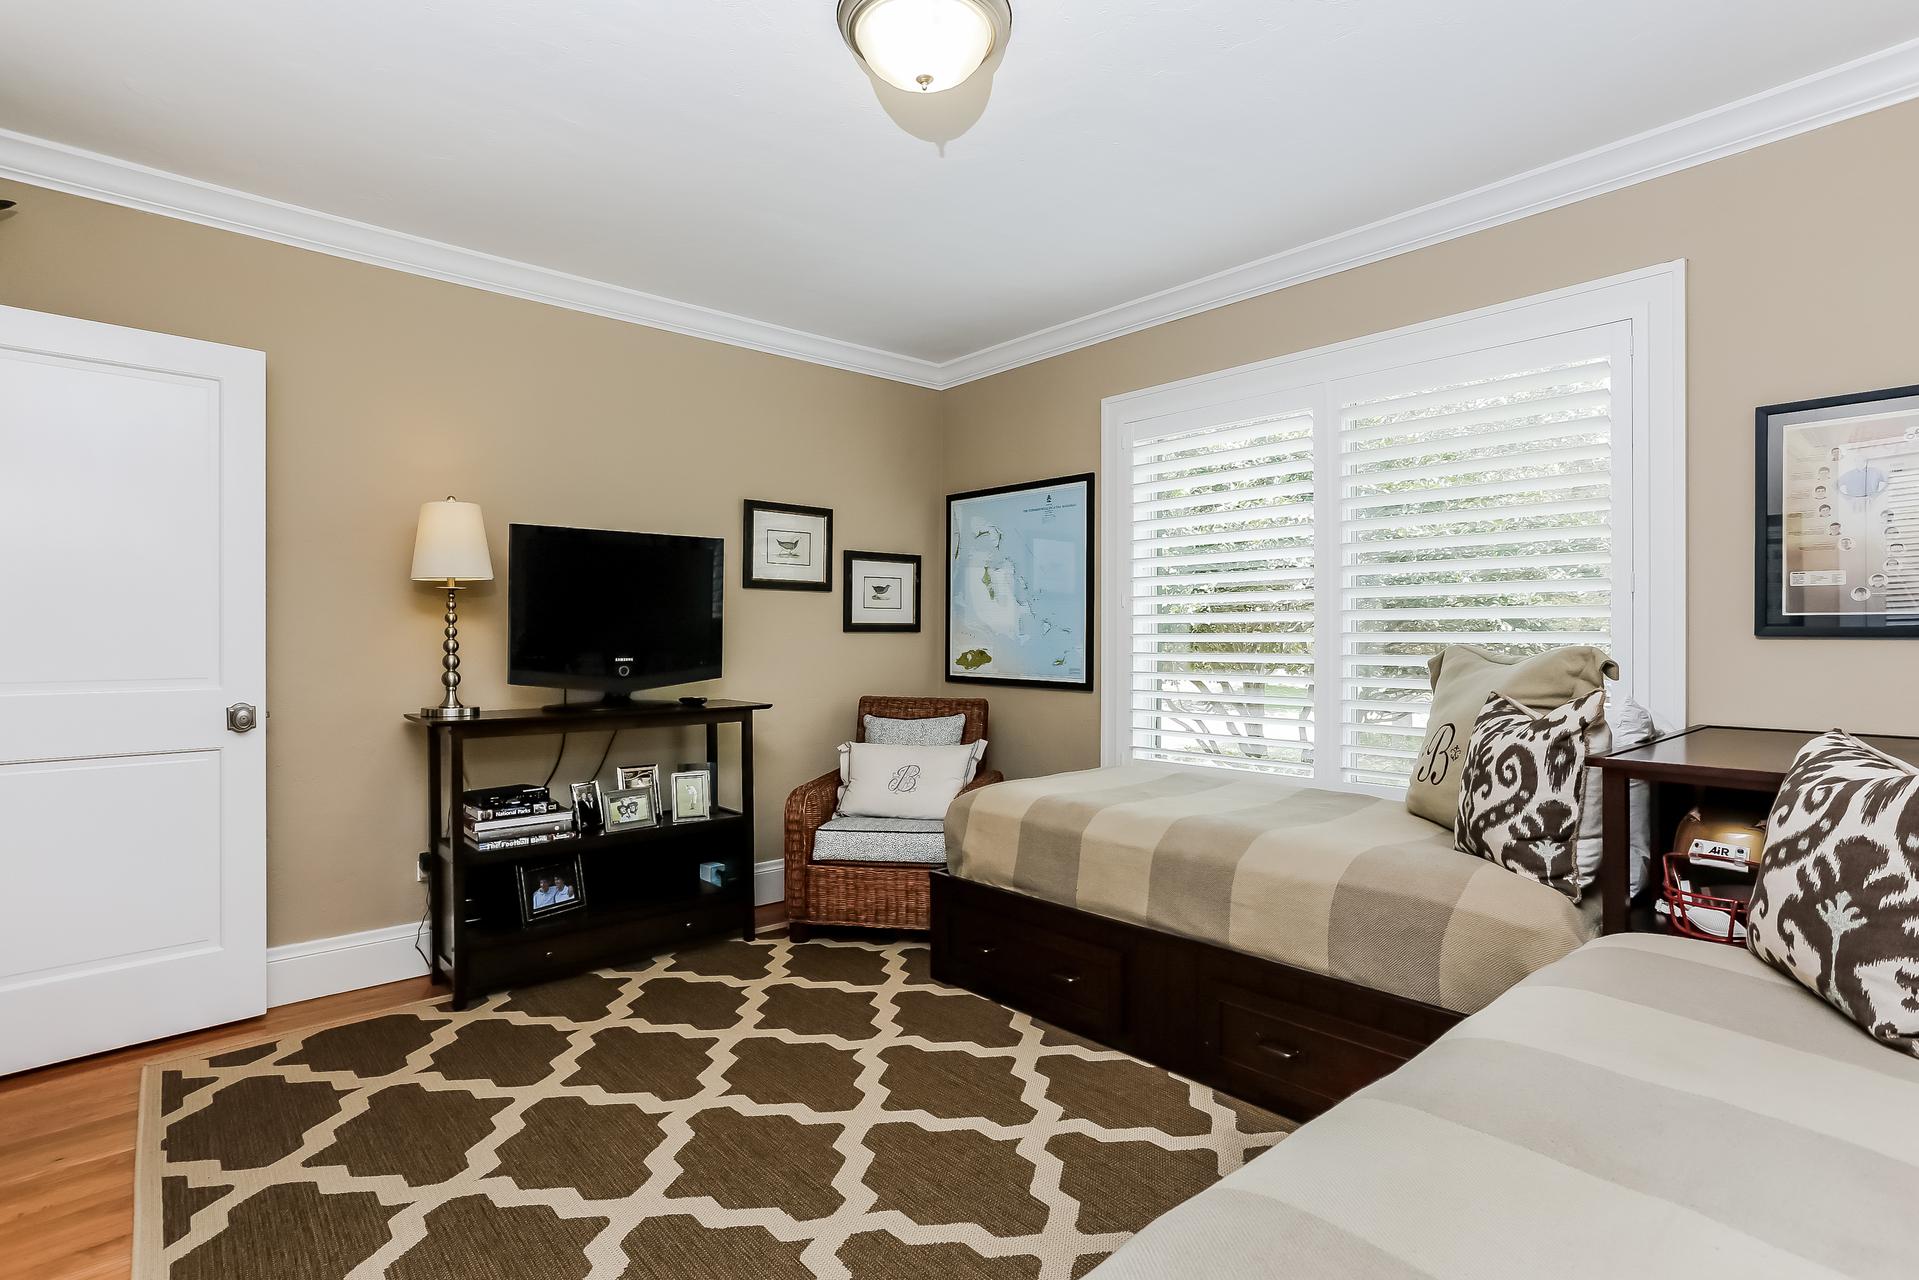 029-Bedroom-2647586-medium.jpg